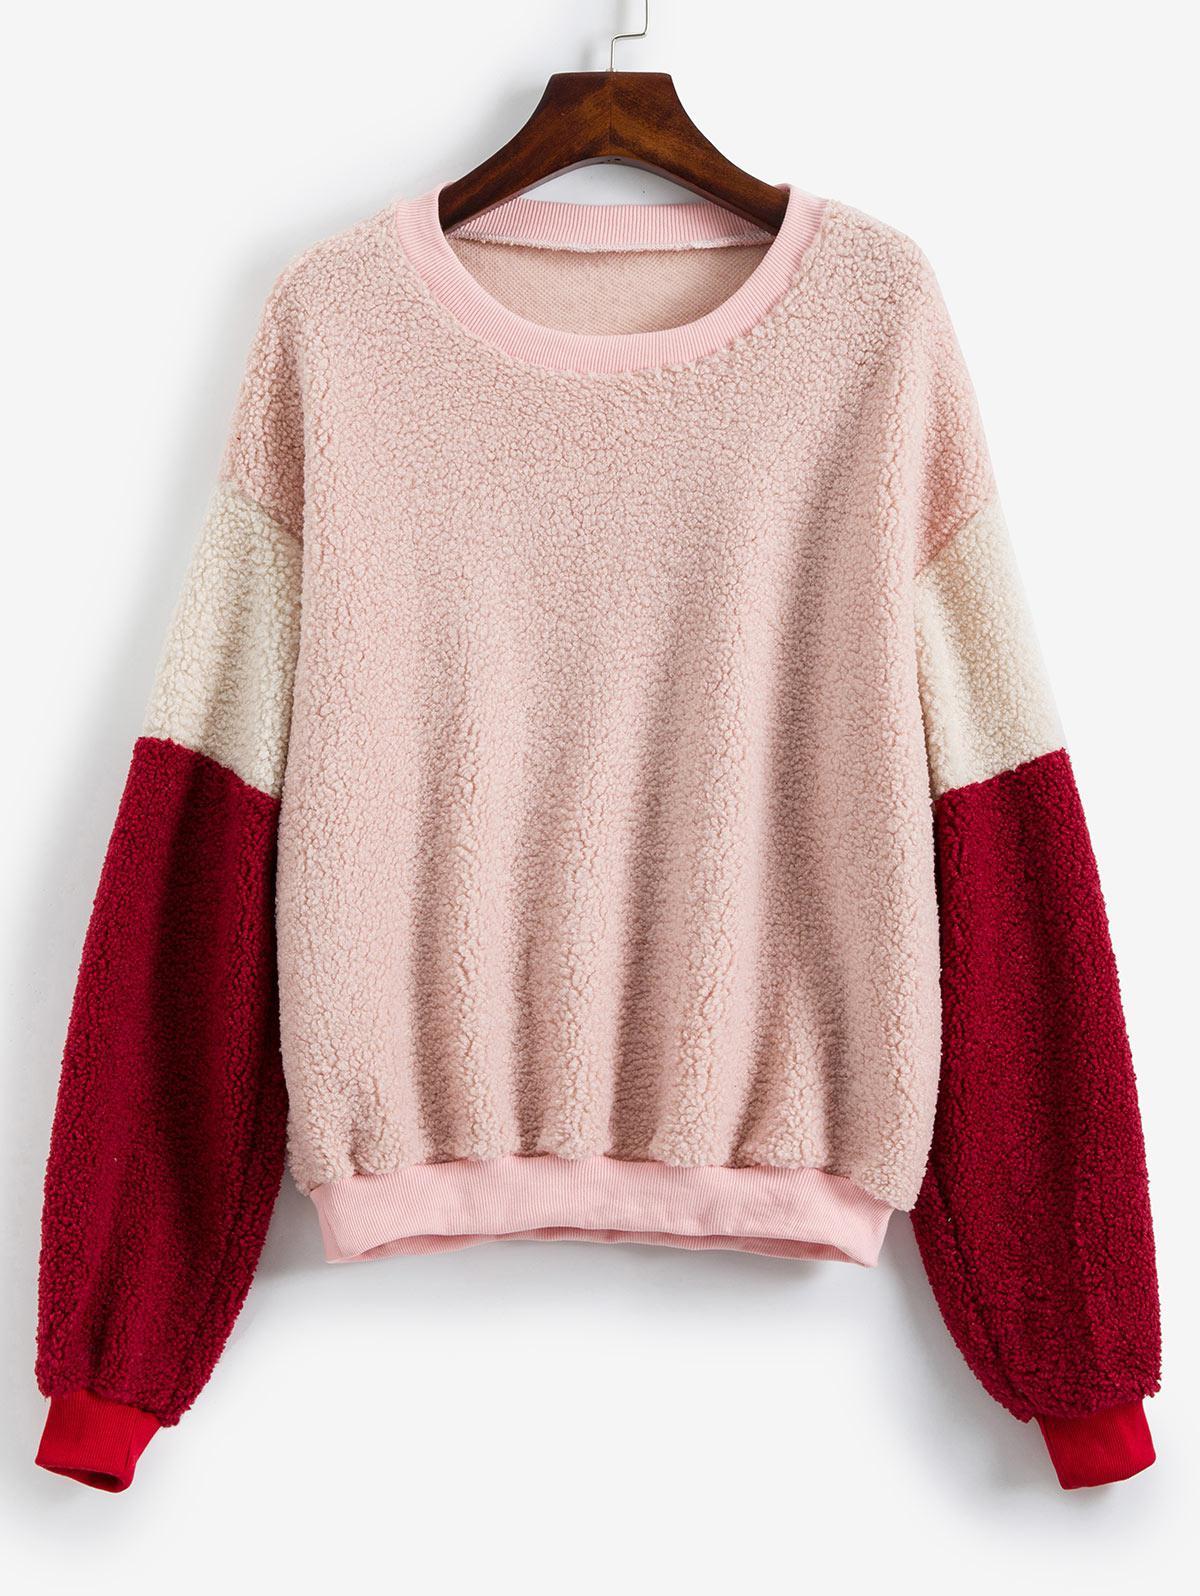 Ribbed Trim Drop Shoulder Colorblock Teddy Sweatshirt